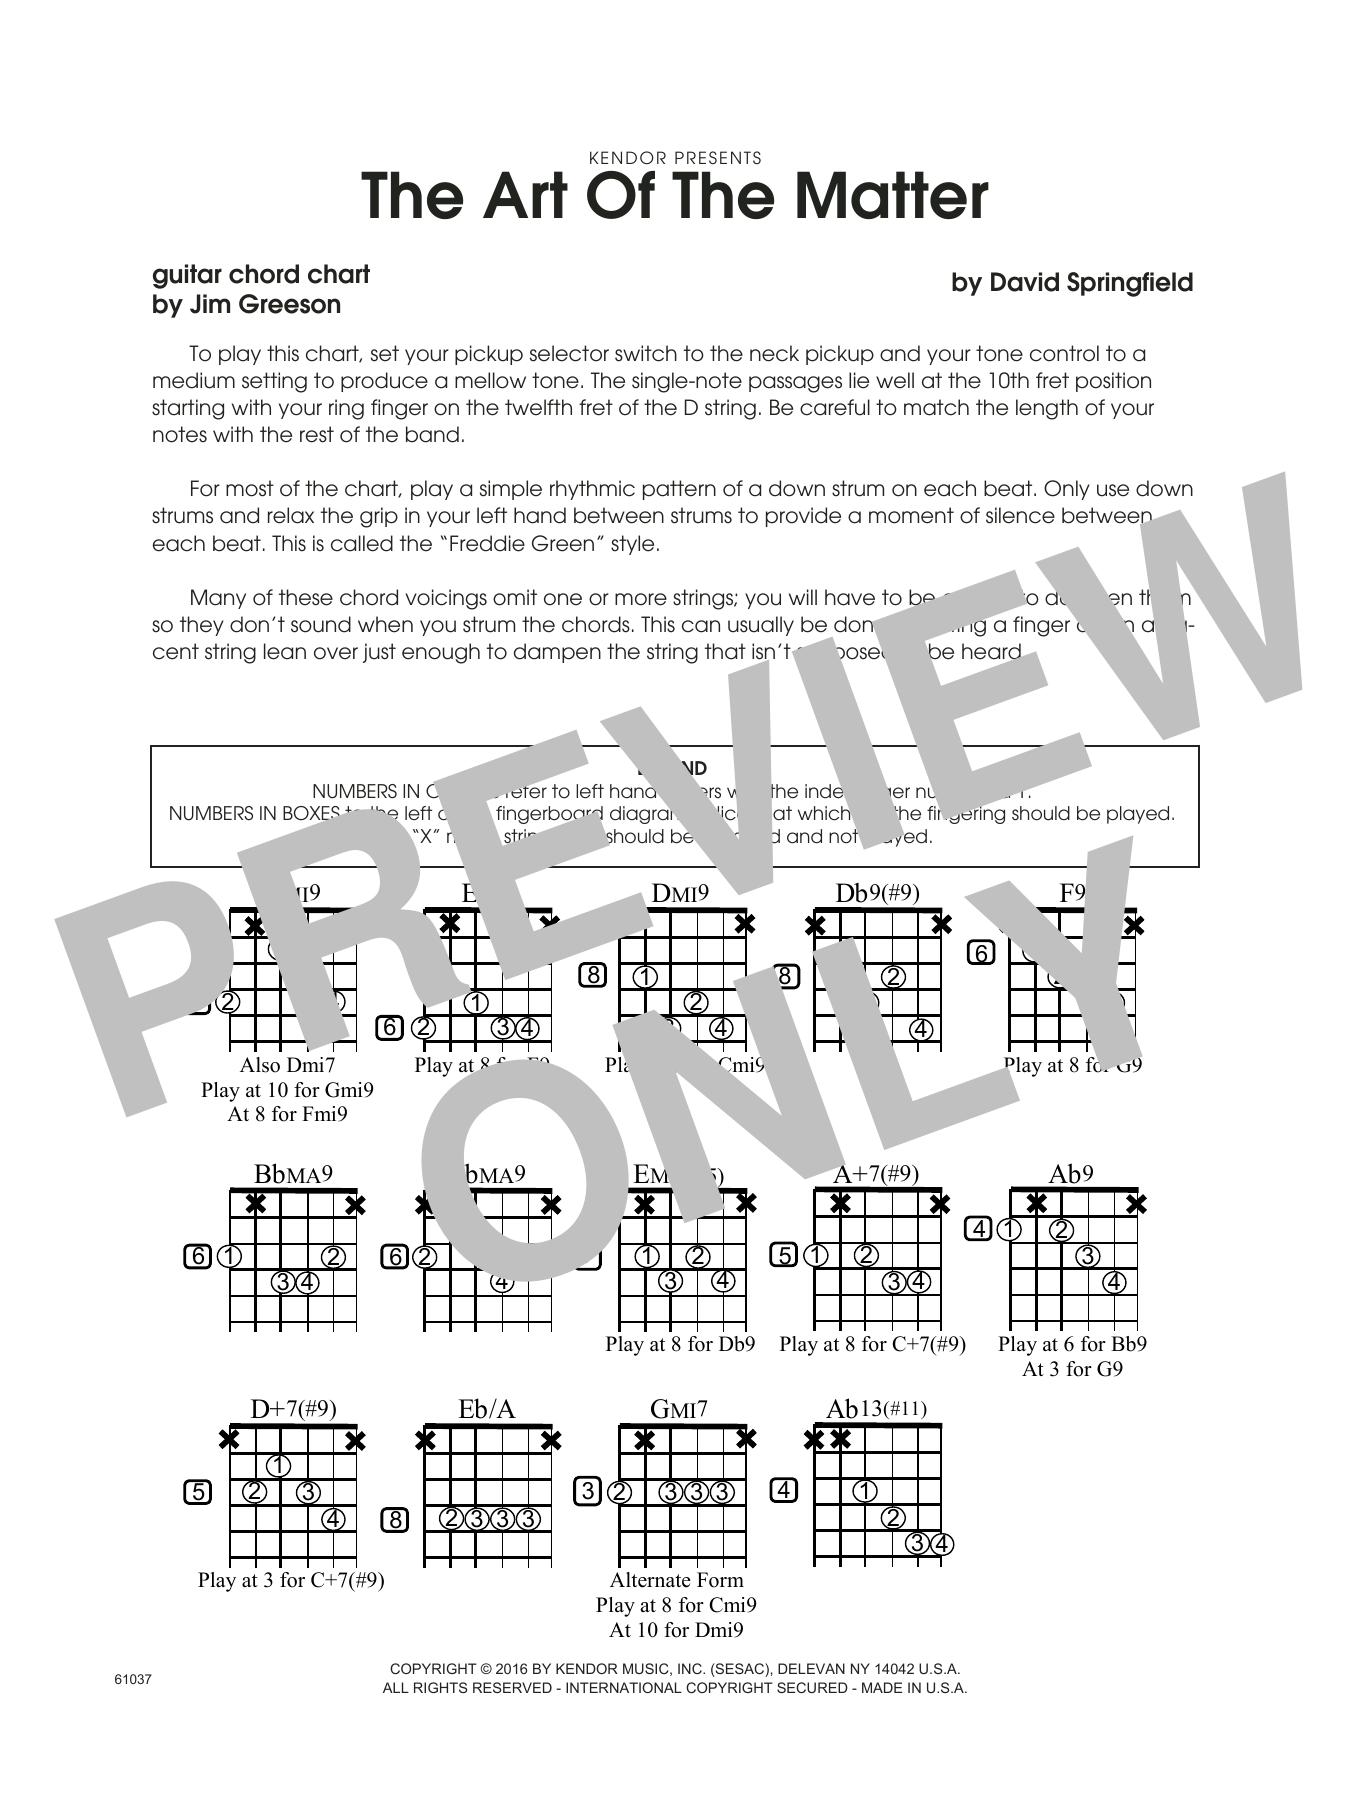 The Art Of The Matter - Guitar Chord Chart Sheet Music